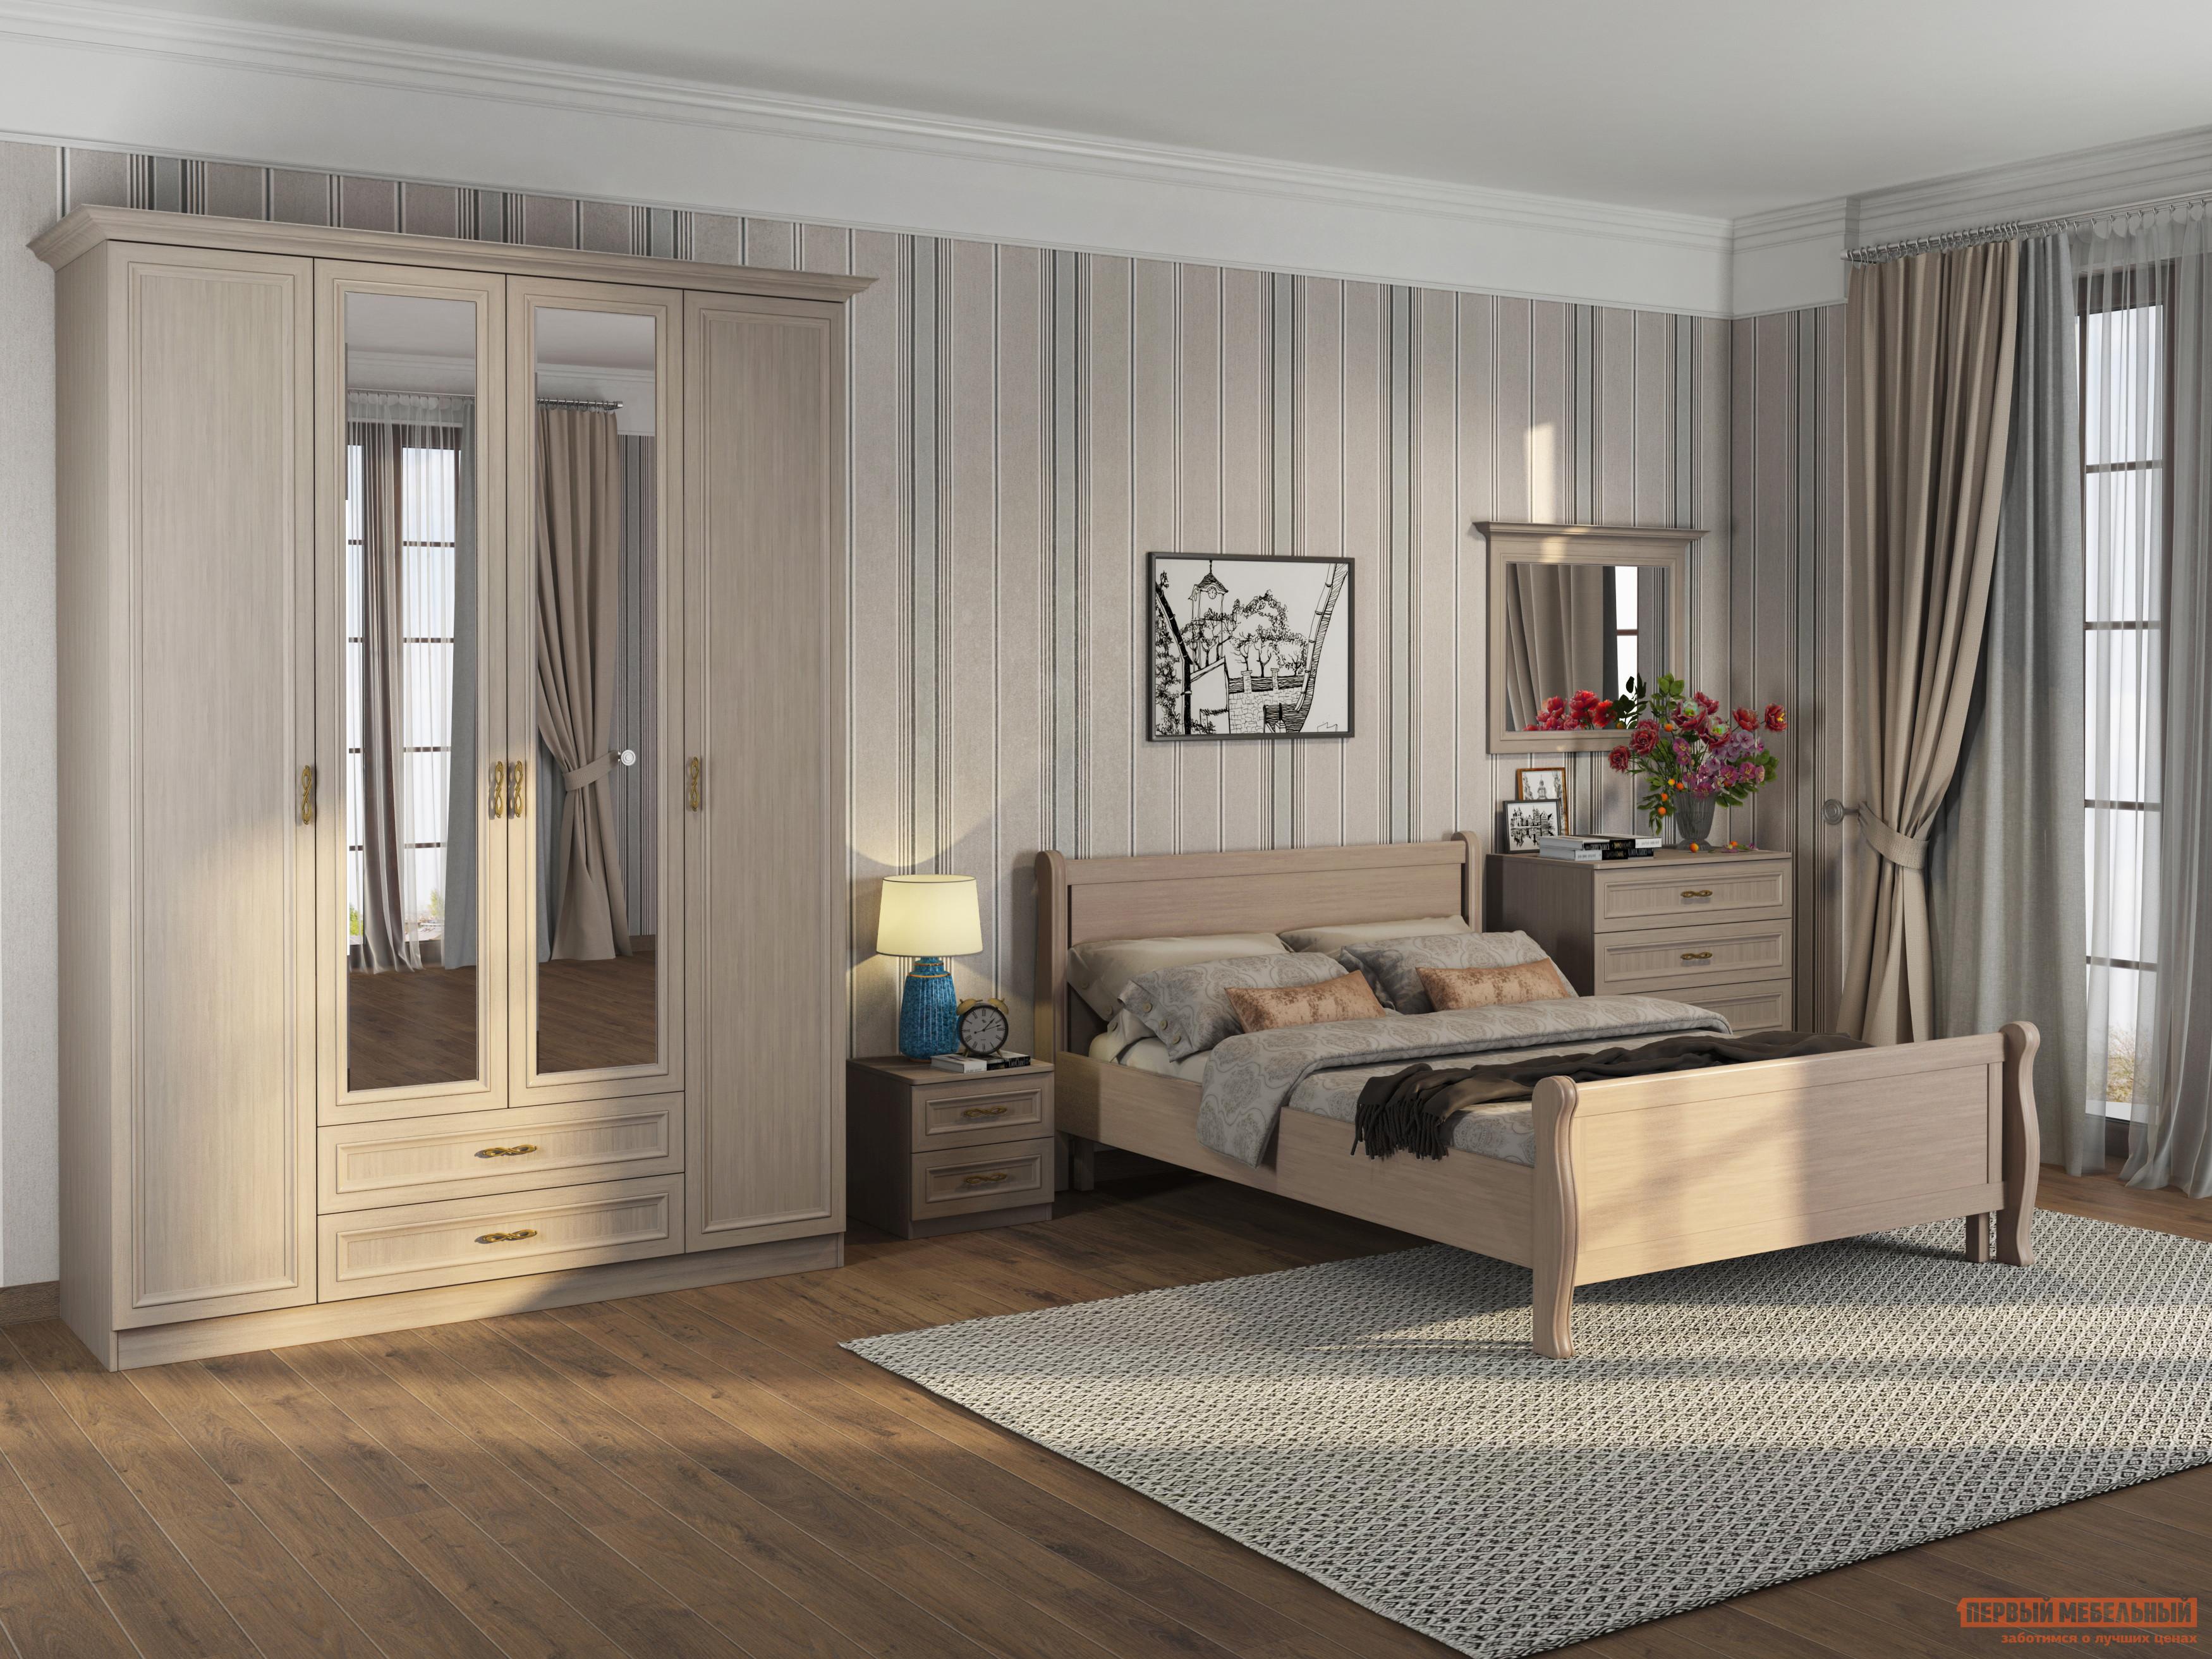 Спальный гарнитур Боровичи Классика СК1 спальный гарнитур мебельсон виктория 1 к1